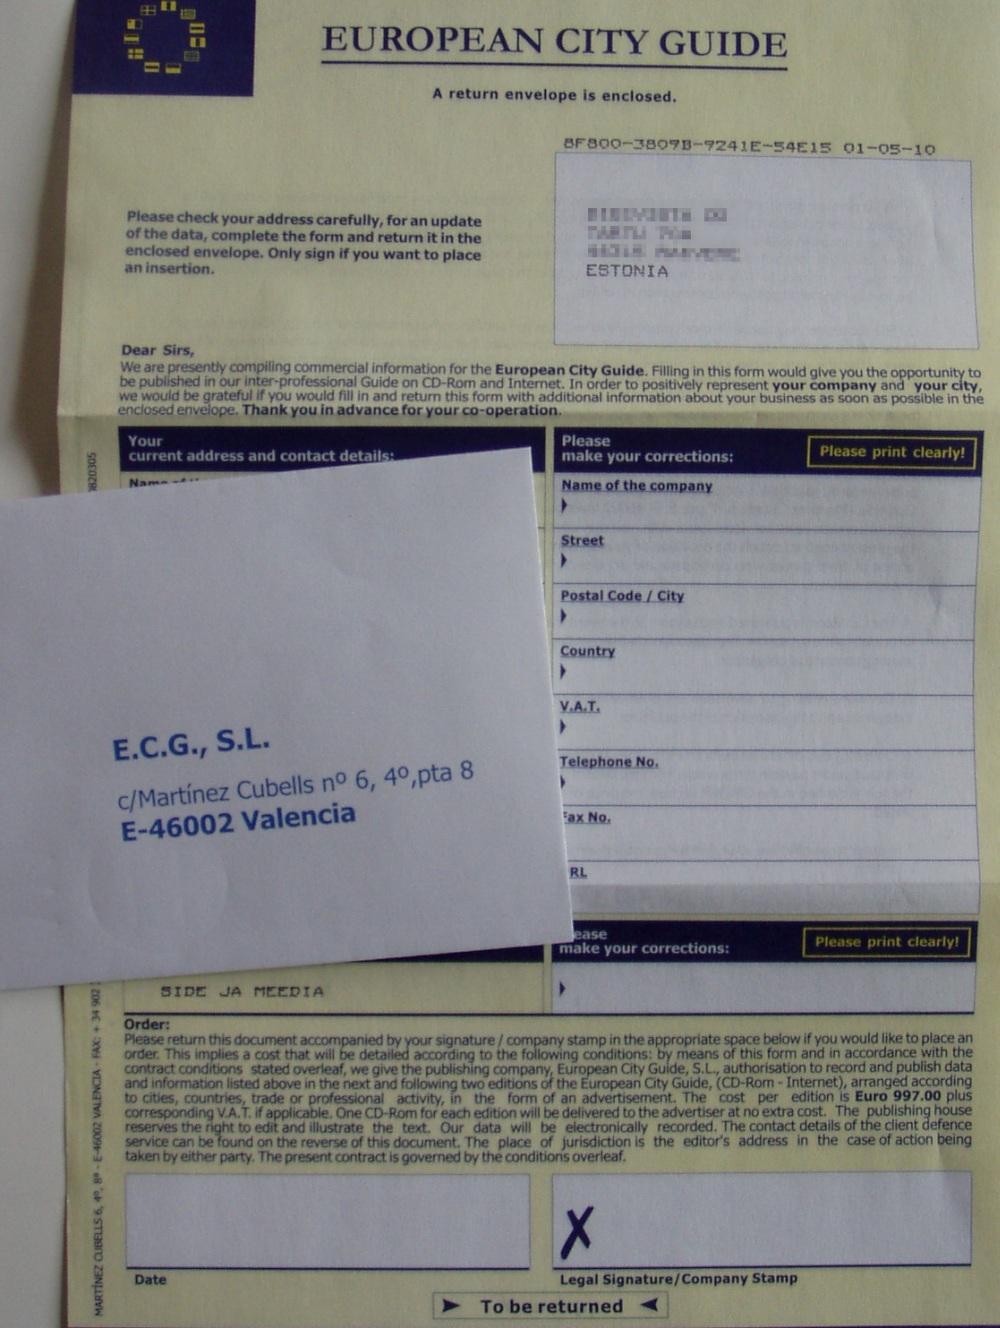 European City Guide kiri Hispaania pettus väljapressimine. Foto Virgo Kruve